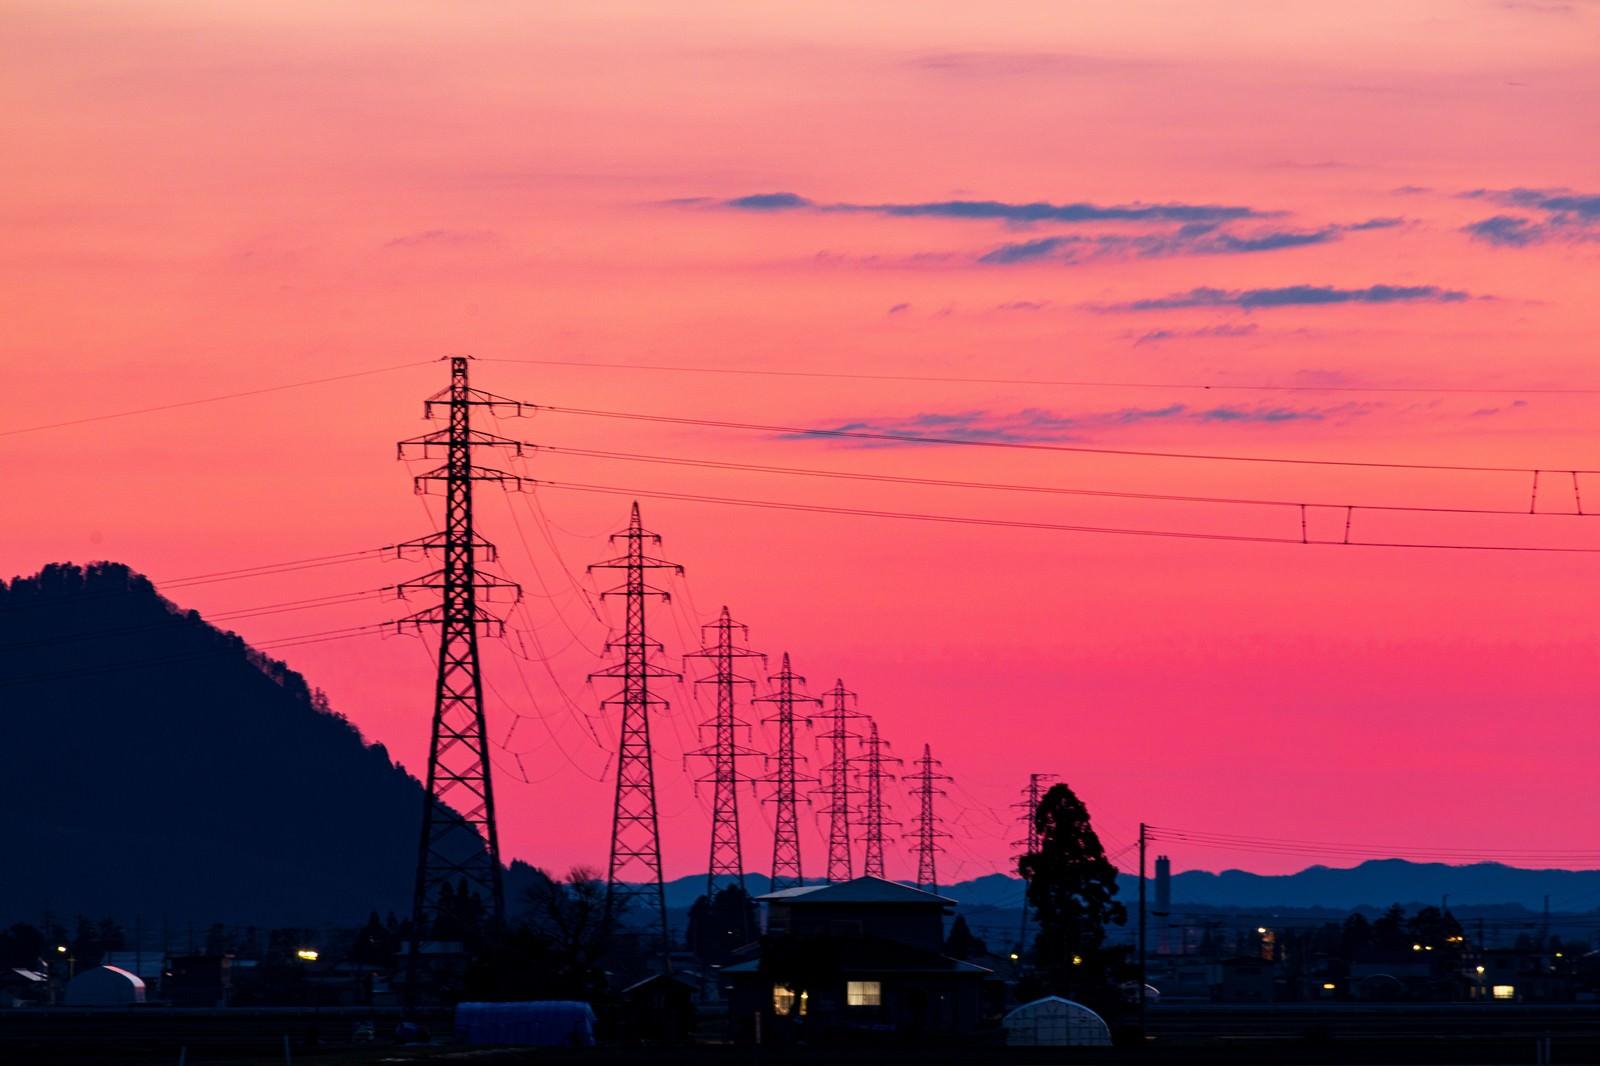 「夕暮れの焼けた空と鉄塔」の写真